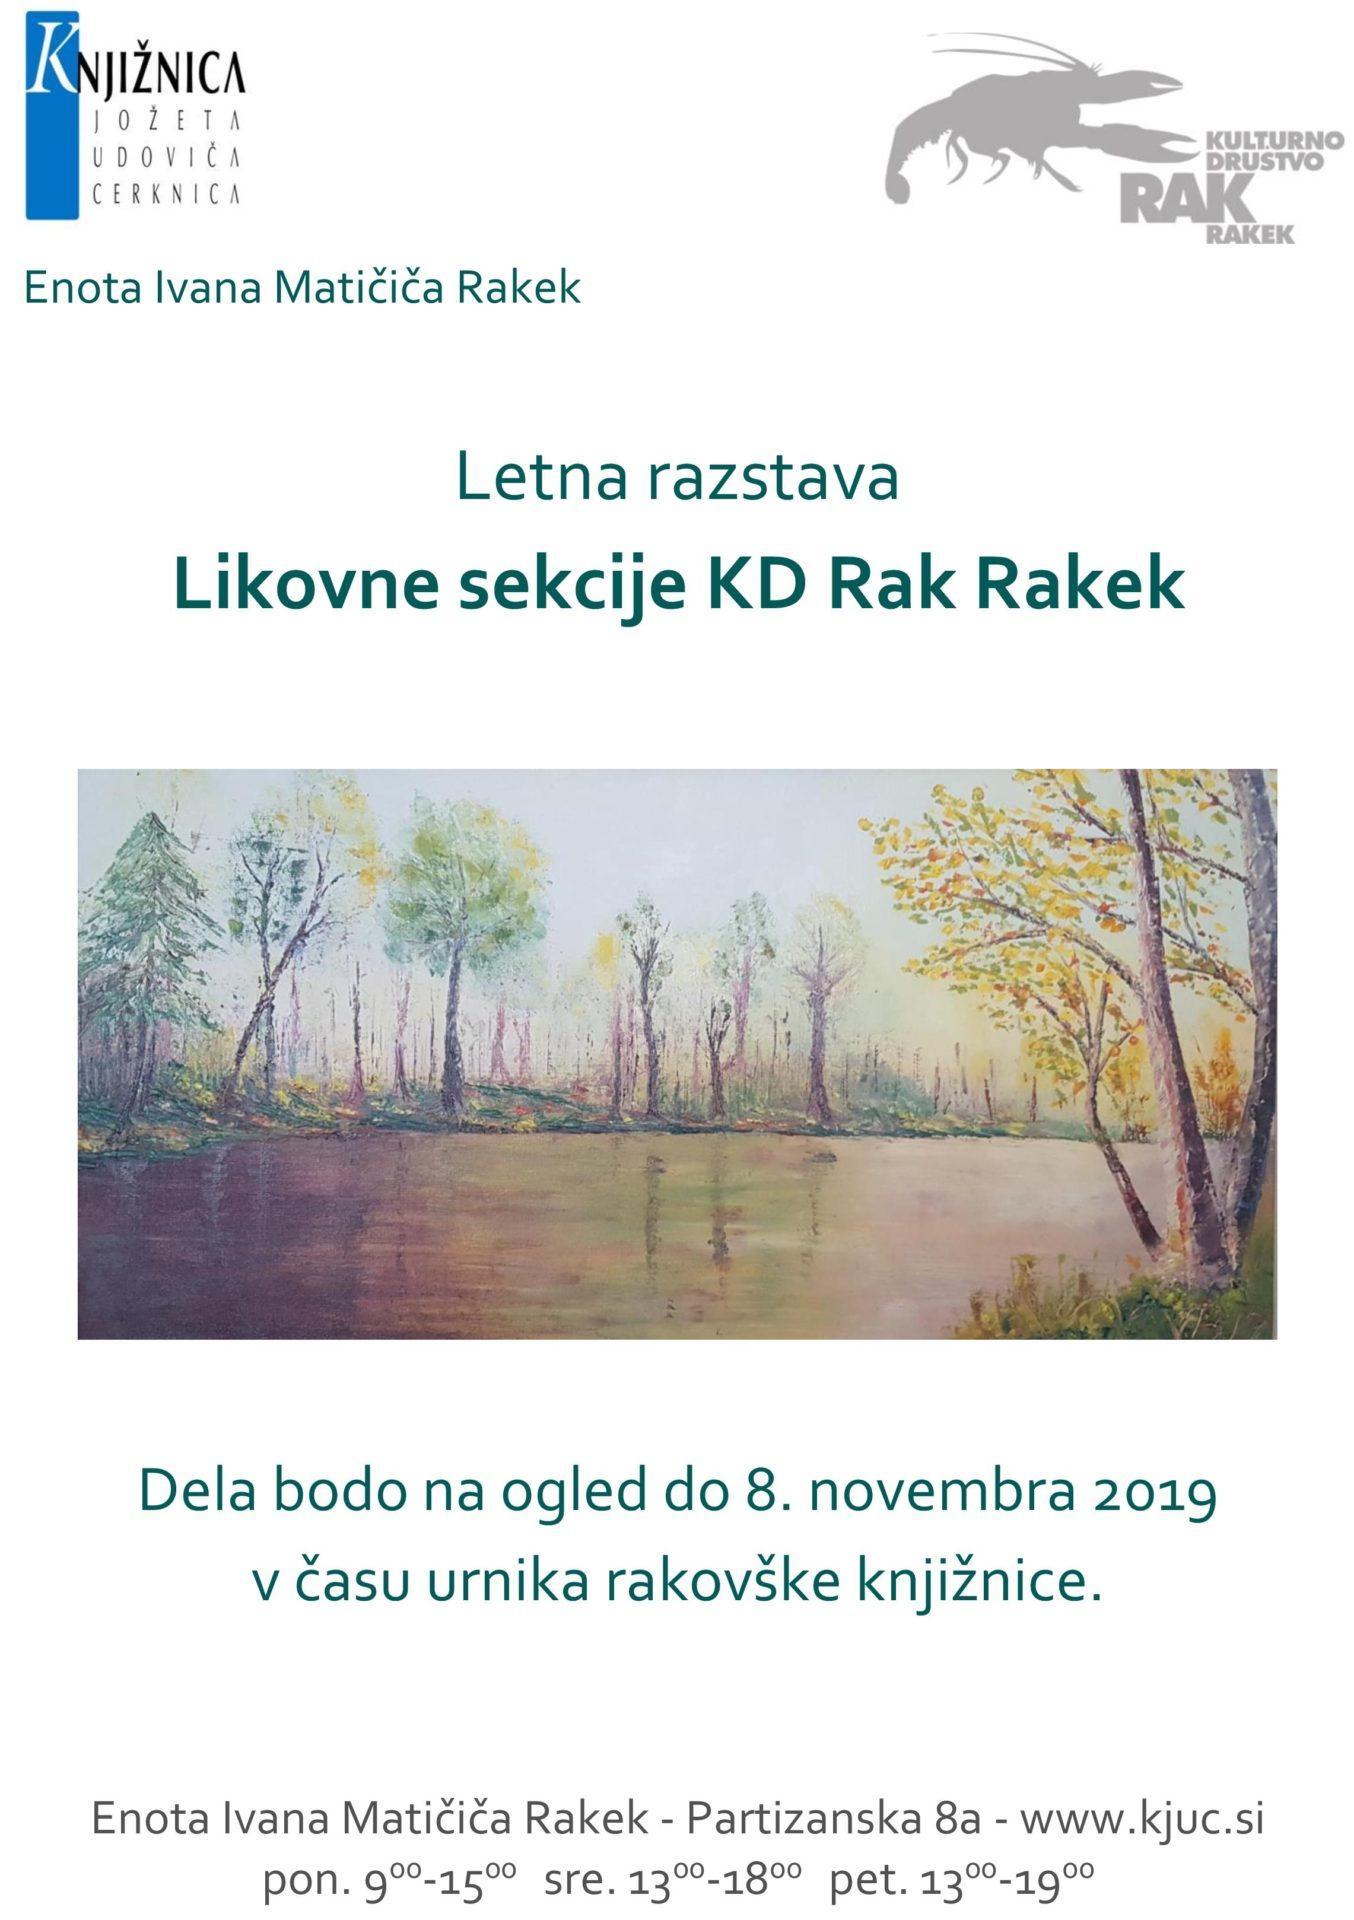 cover 4 - Razstave Likovne sekcije KD Rak Rakek